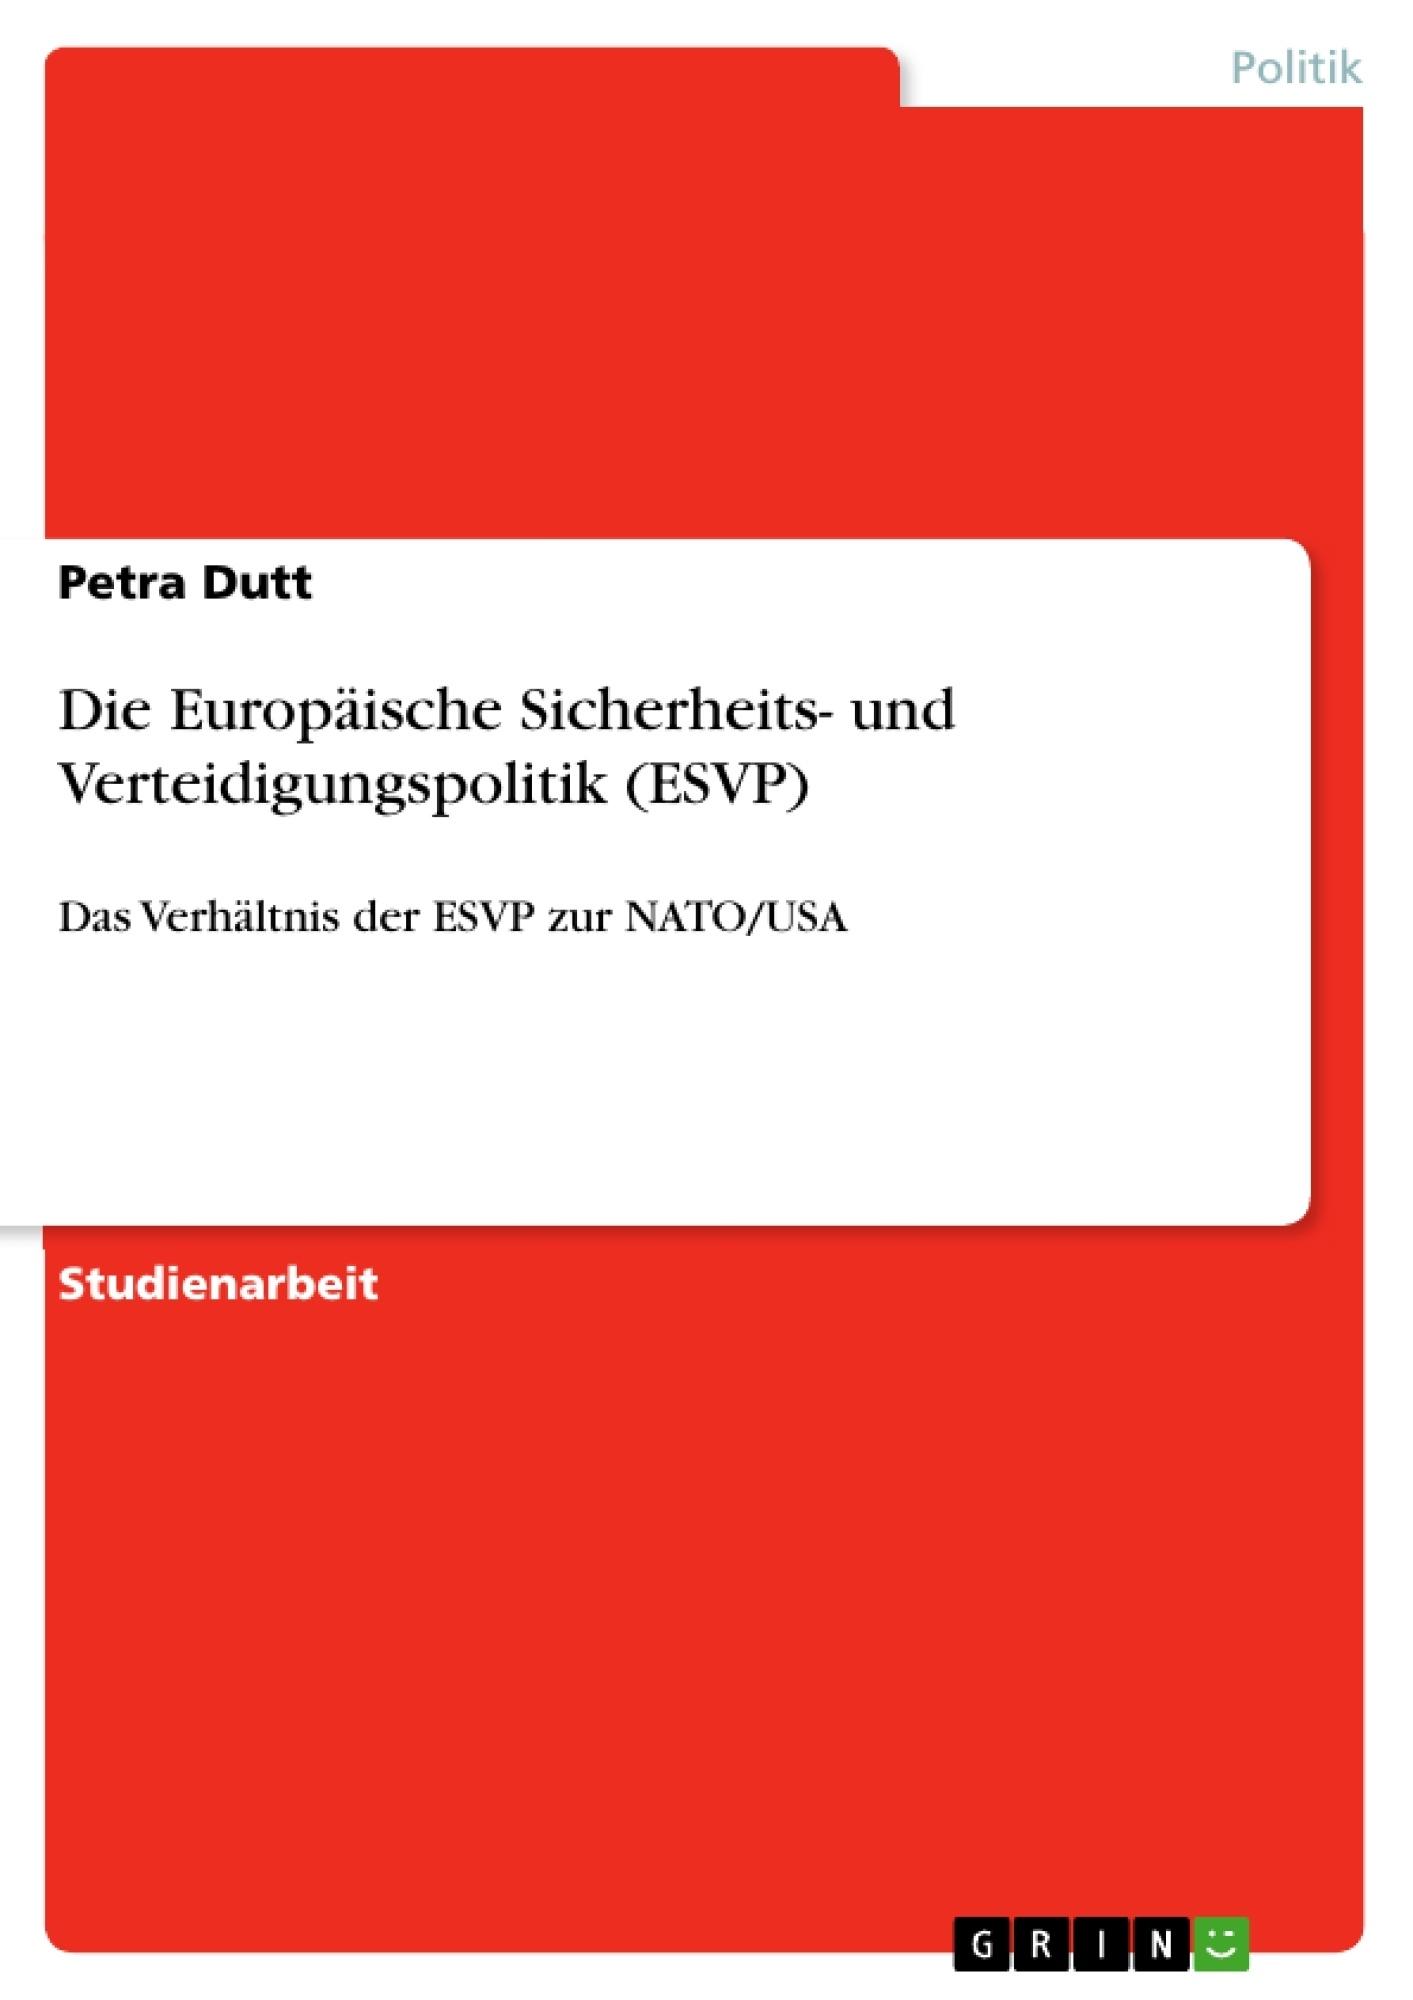 Titel: Die Europäische Sicherheits- und Verteidigungspolitik (ESVP)